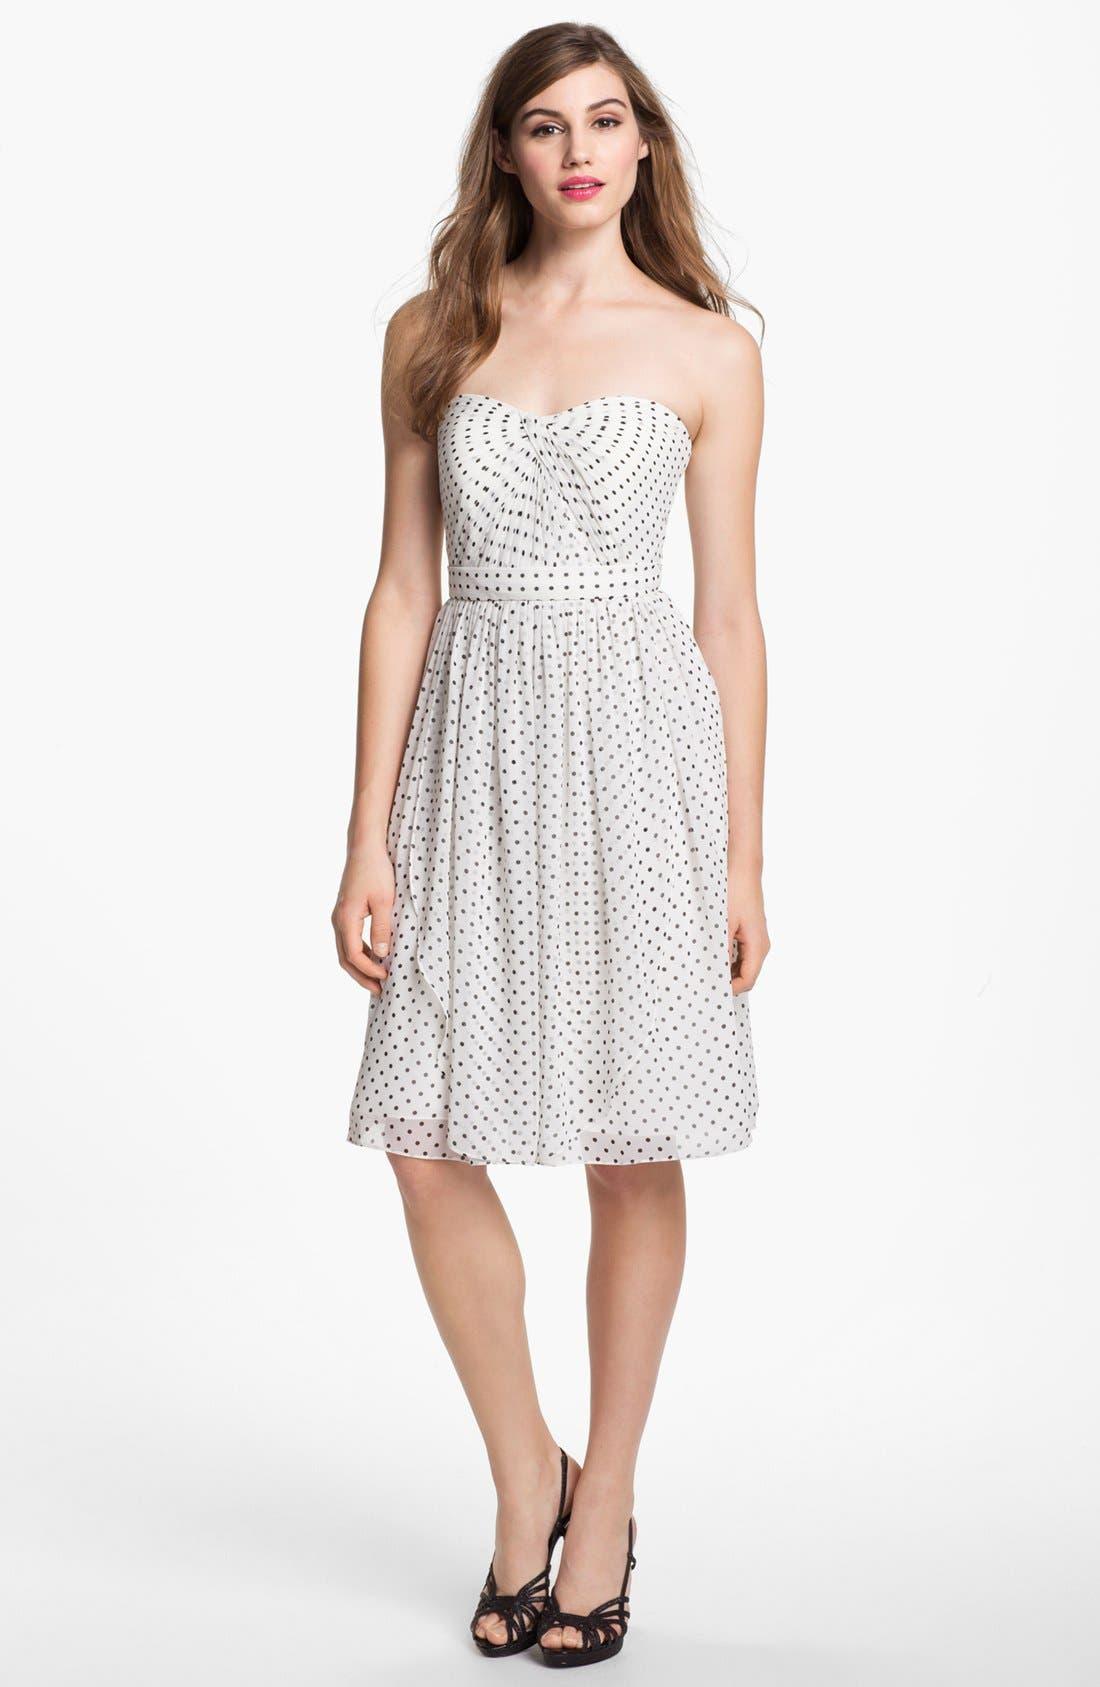 Main Image - Jenny Yoo 'Keira' Convertible Dot Chiffon Fit & Flare Dress